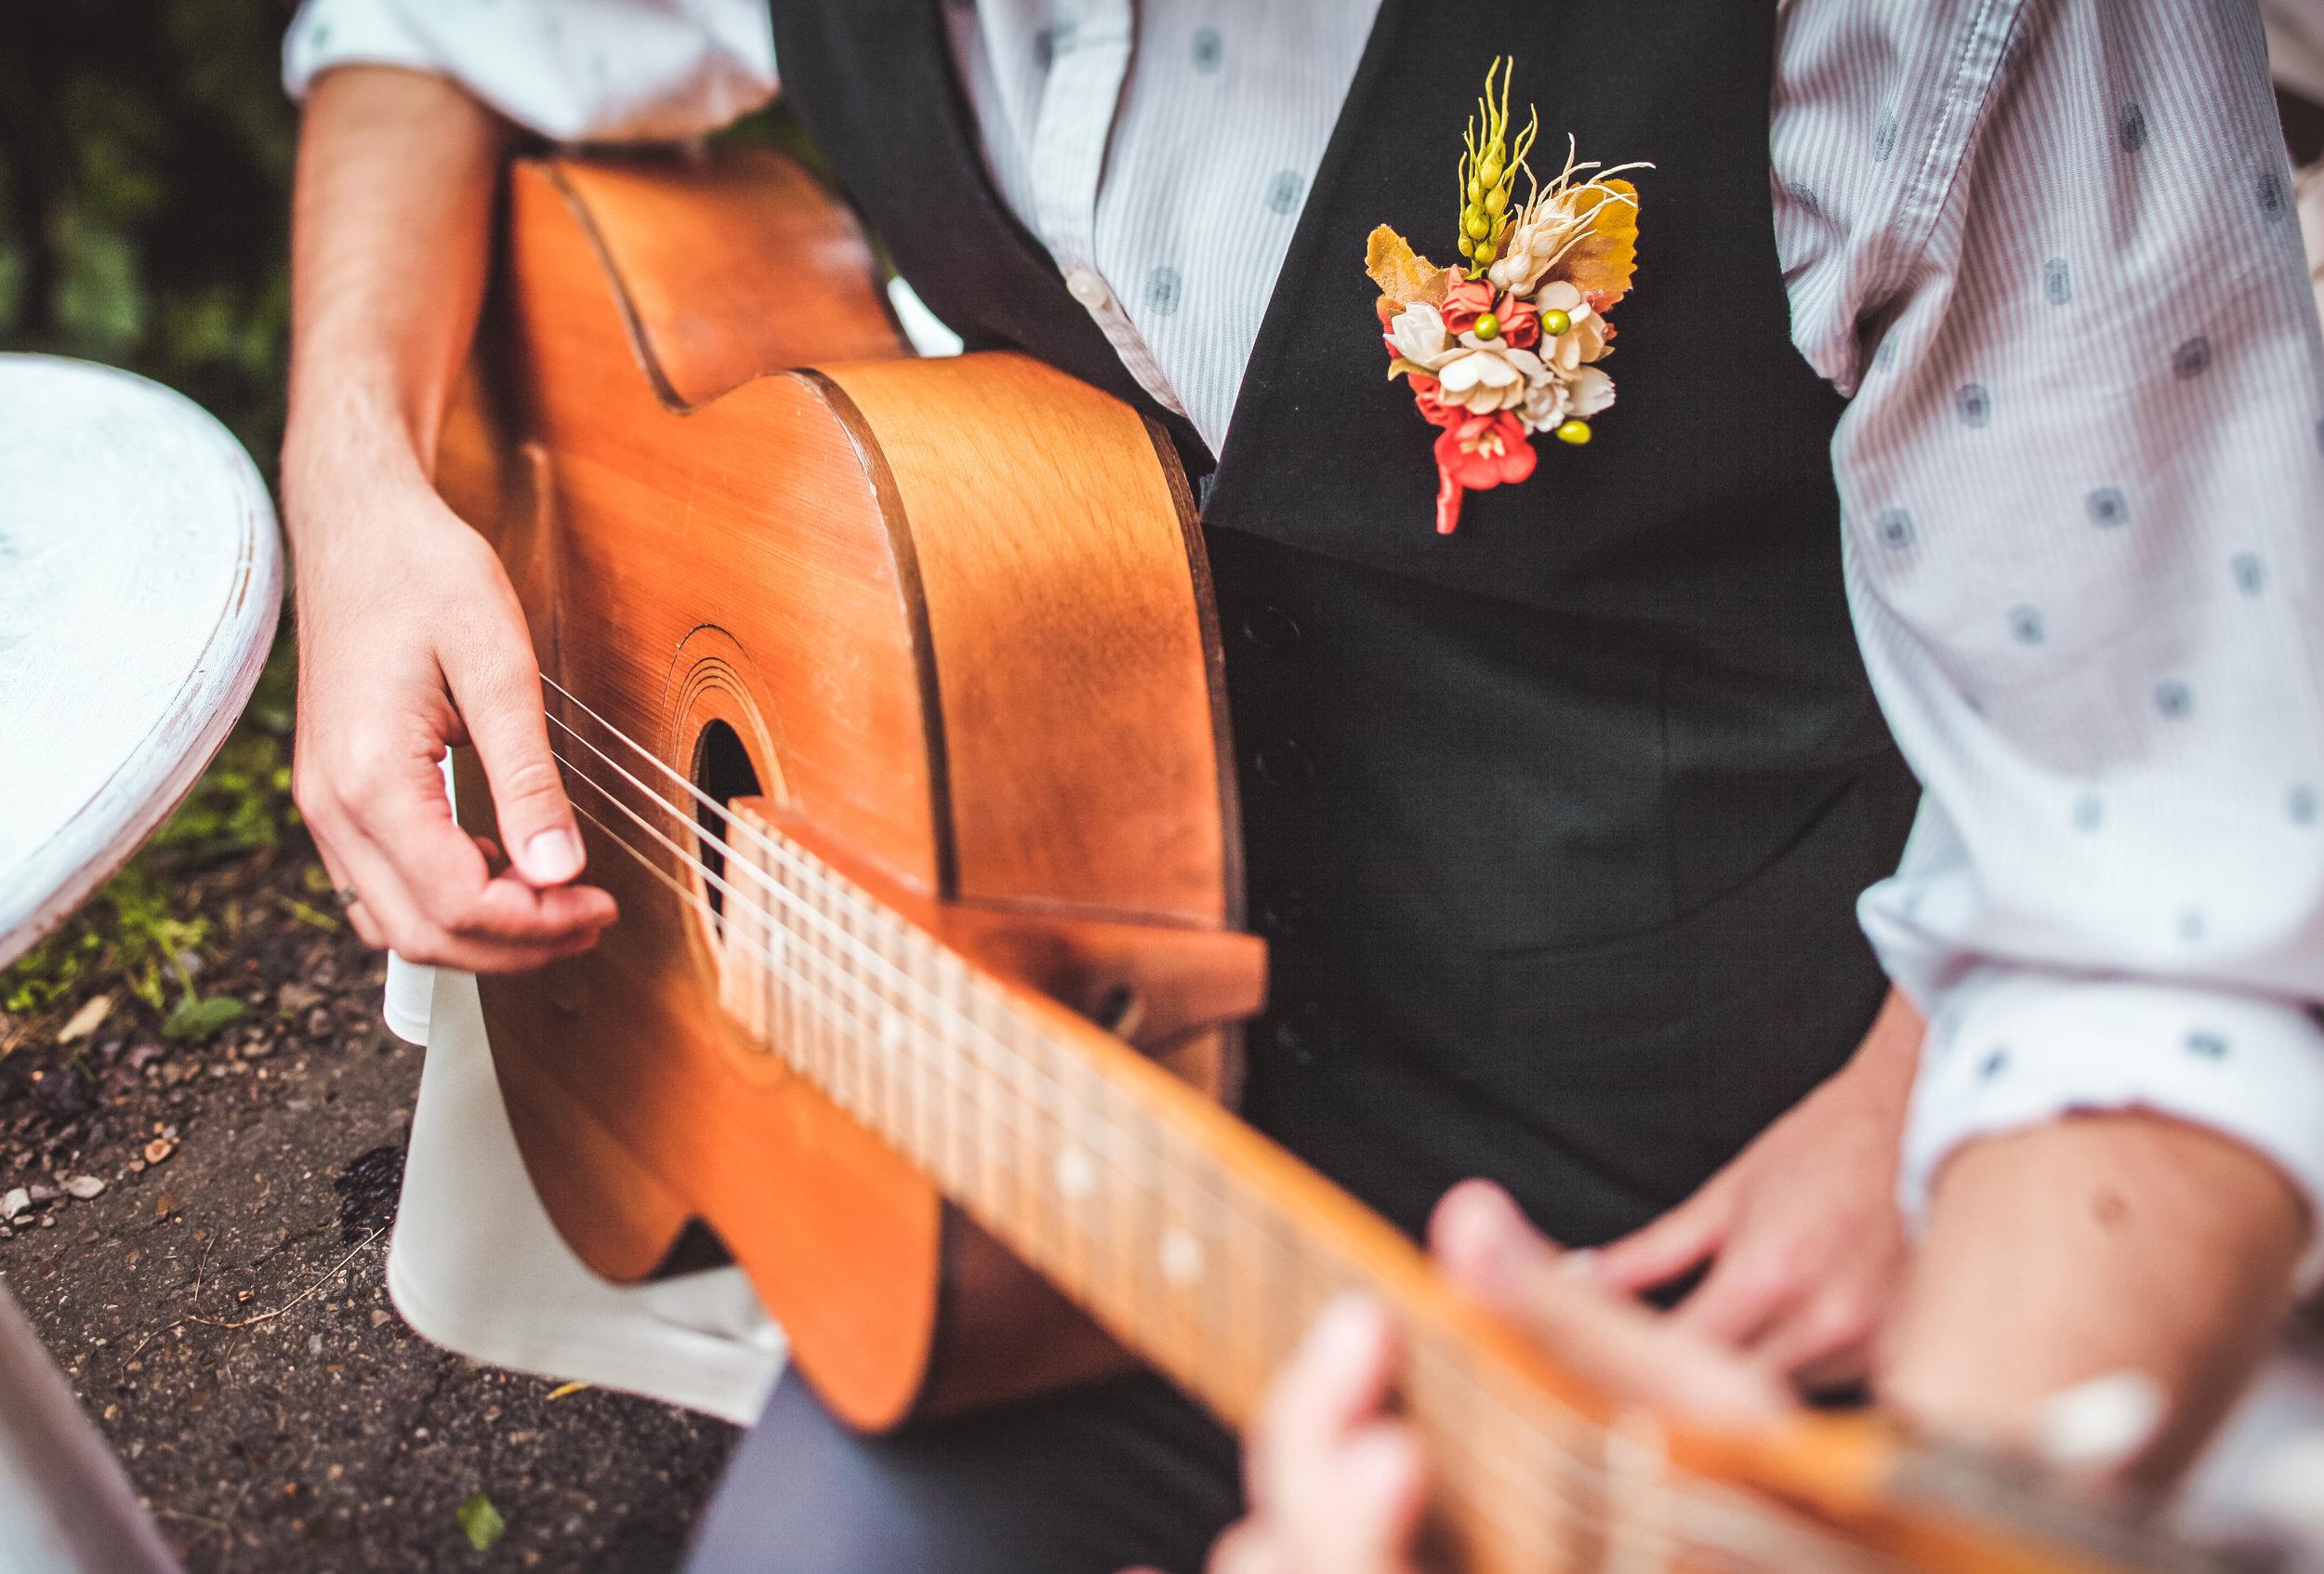 Pop_Nouveau_Ceremony_Guitar.jpg